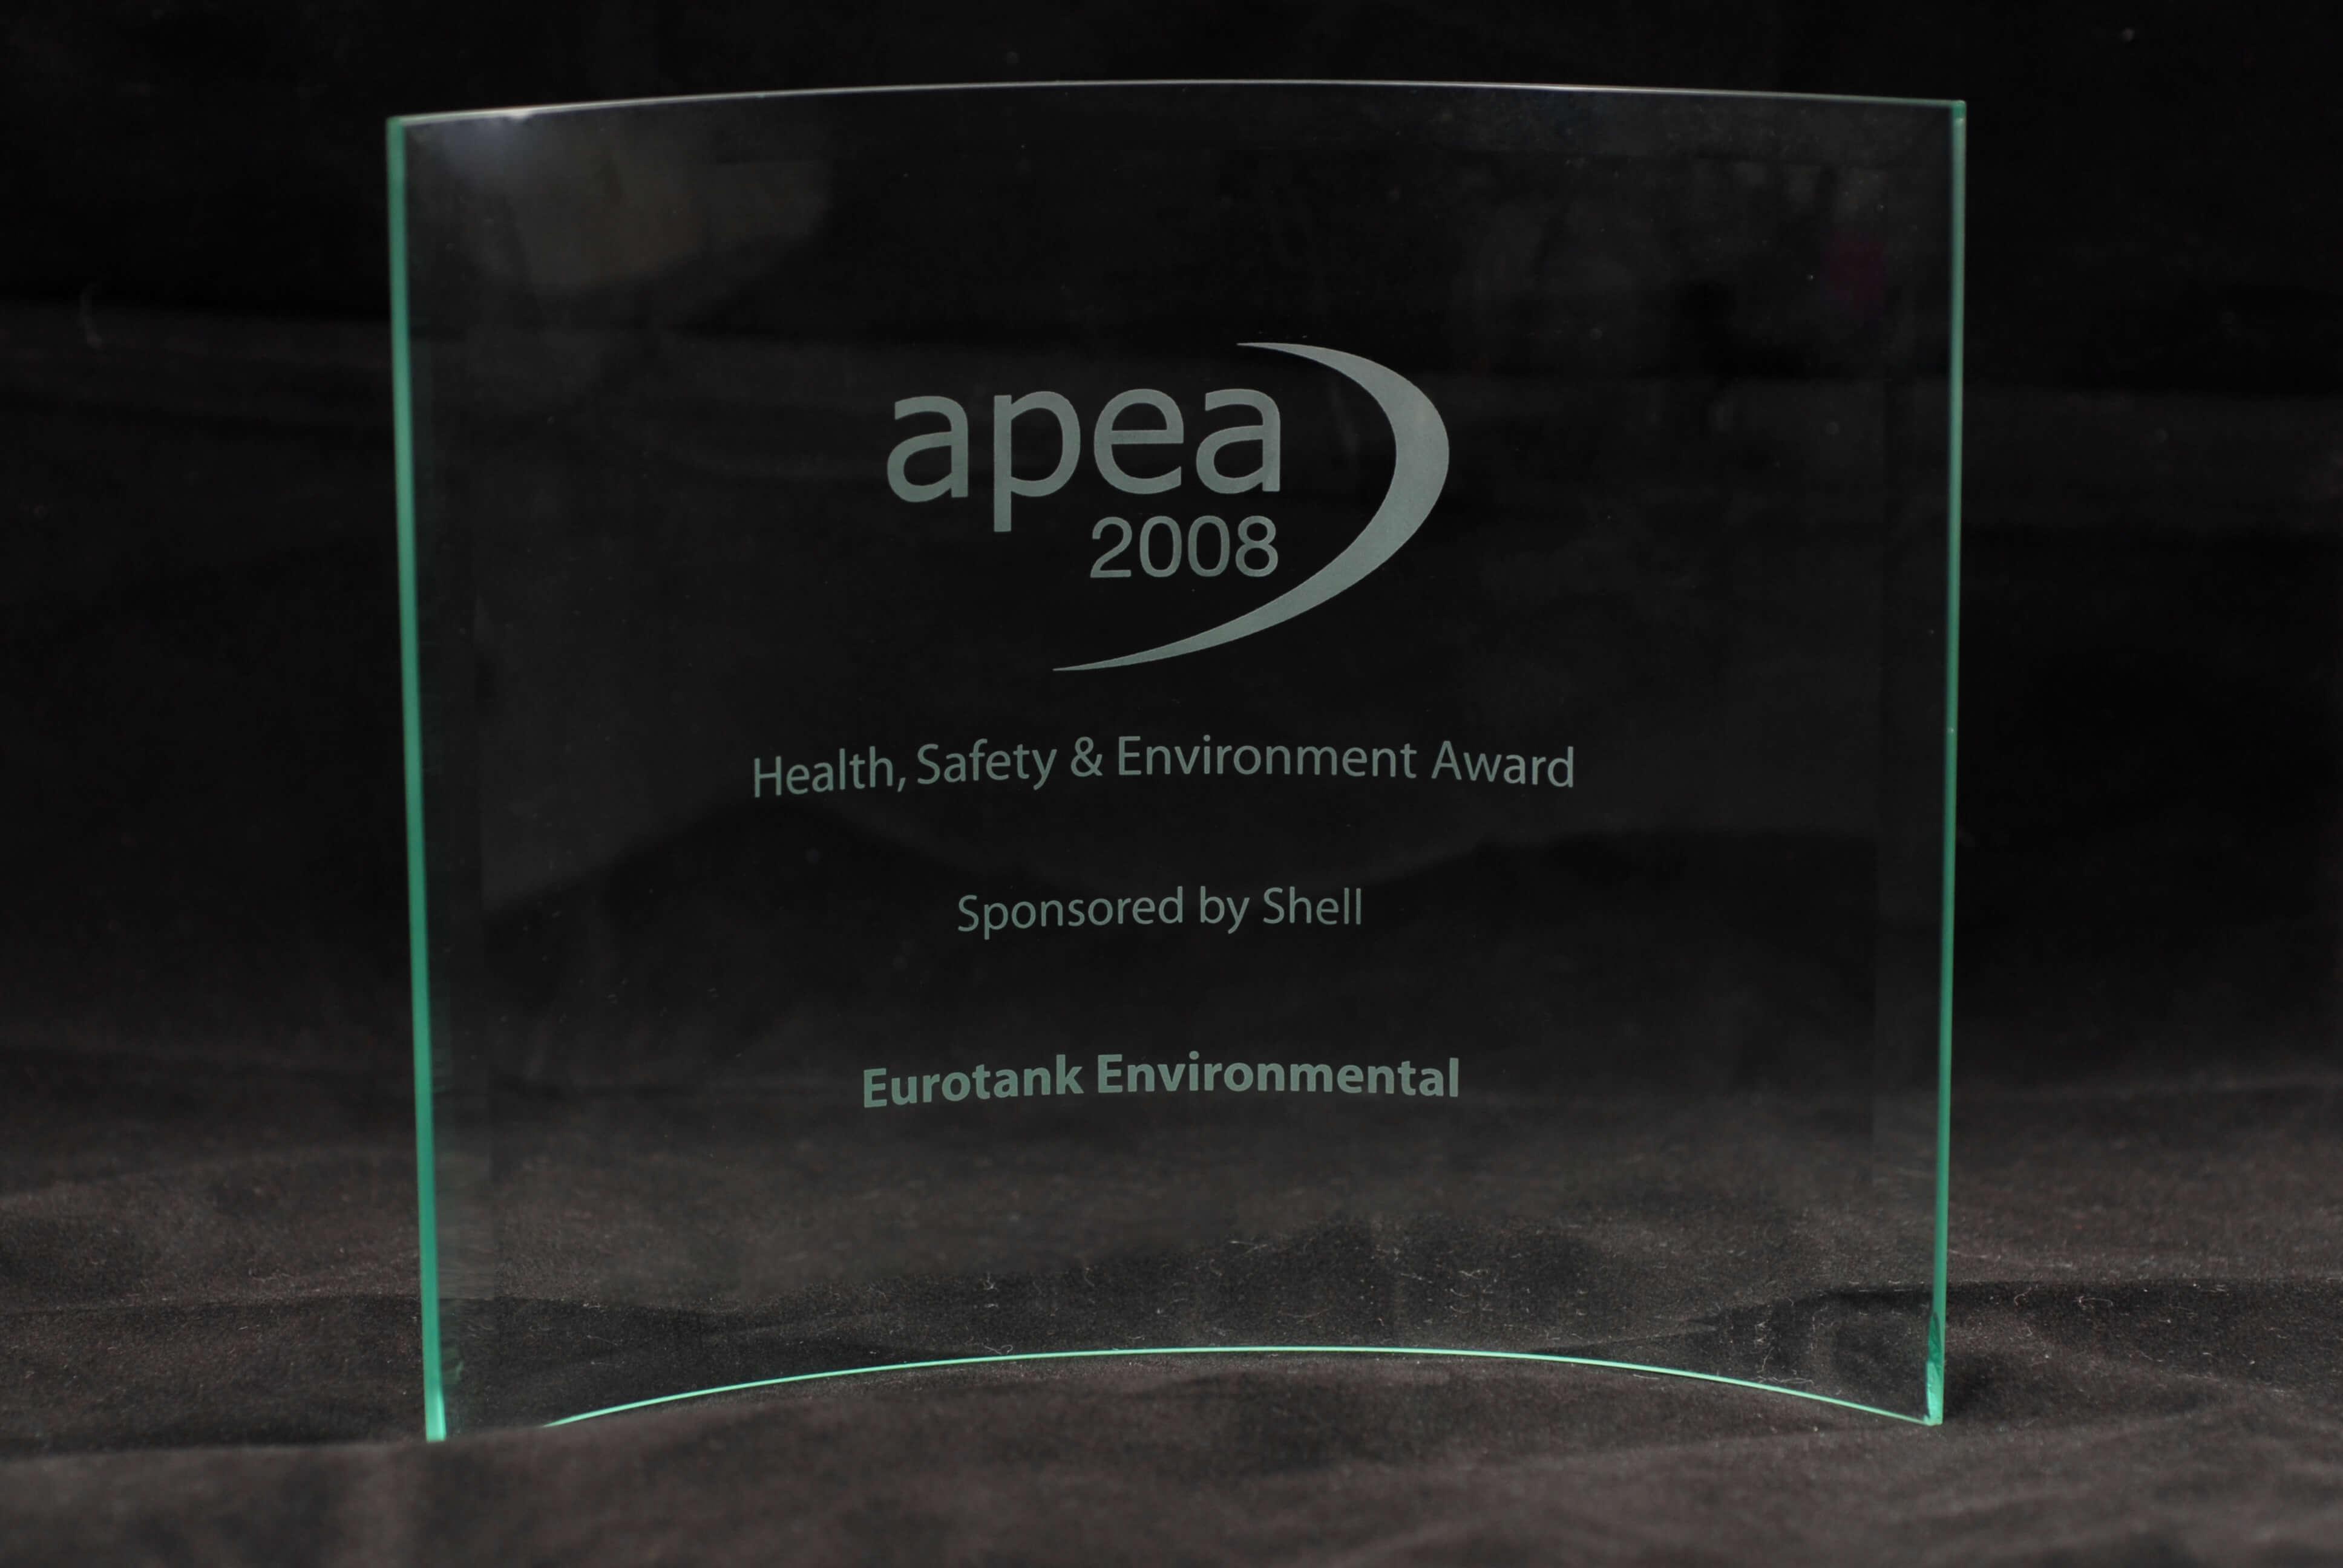 Shell sponsored HSE award